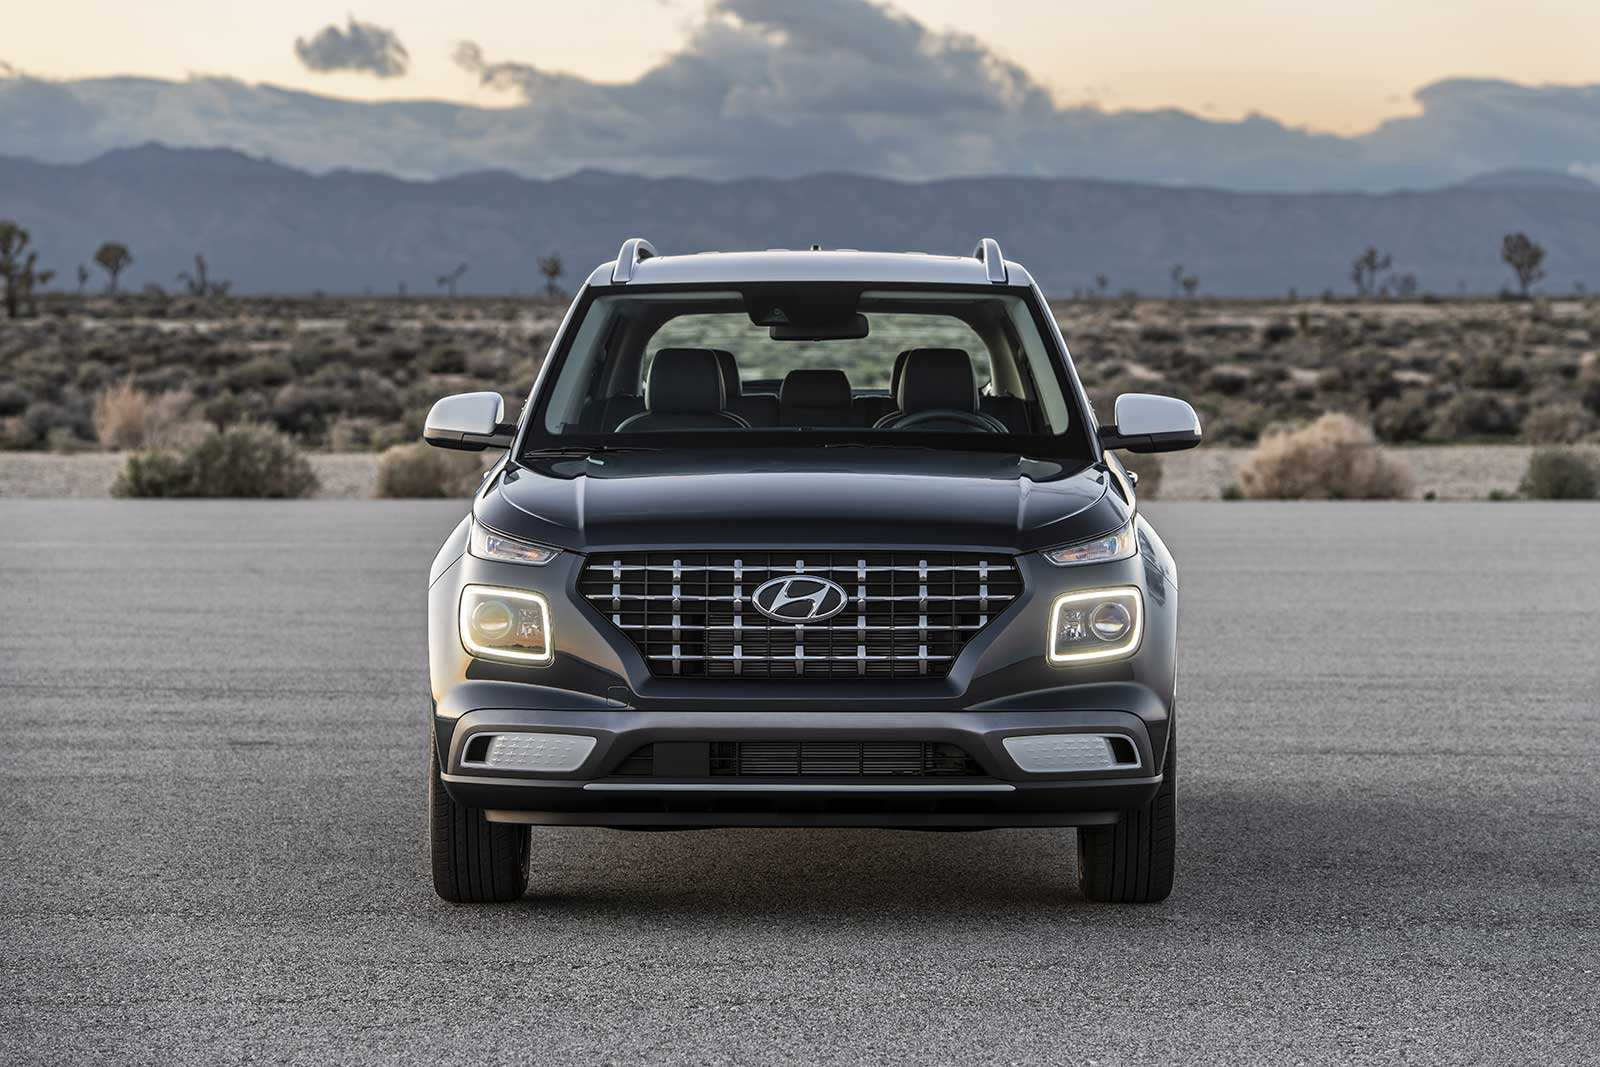 51 All New 2020 Hyundai Lineup Review by 2020 Hyundai Lineup